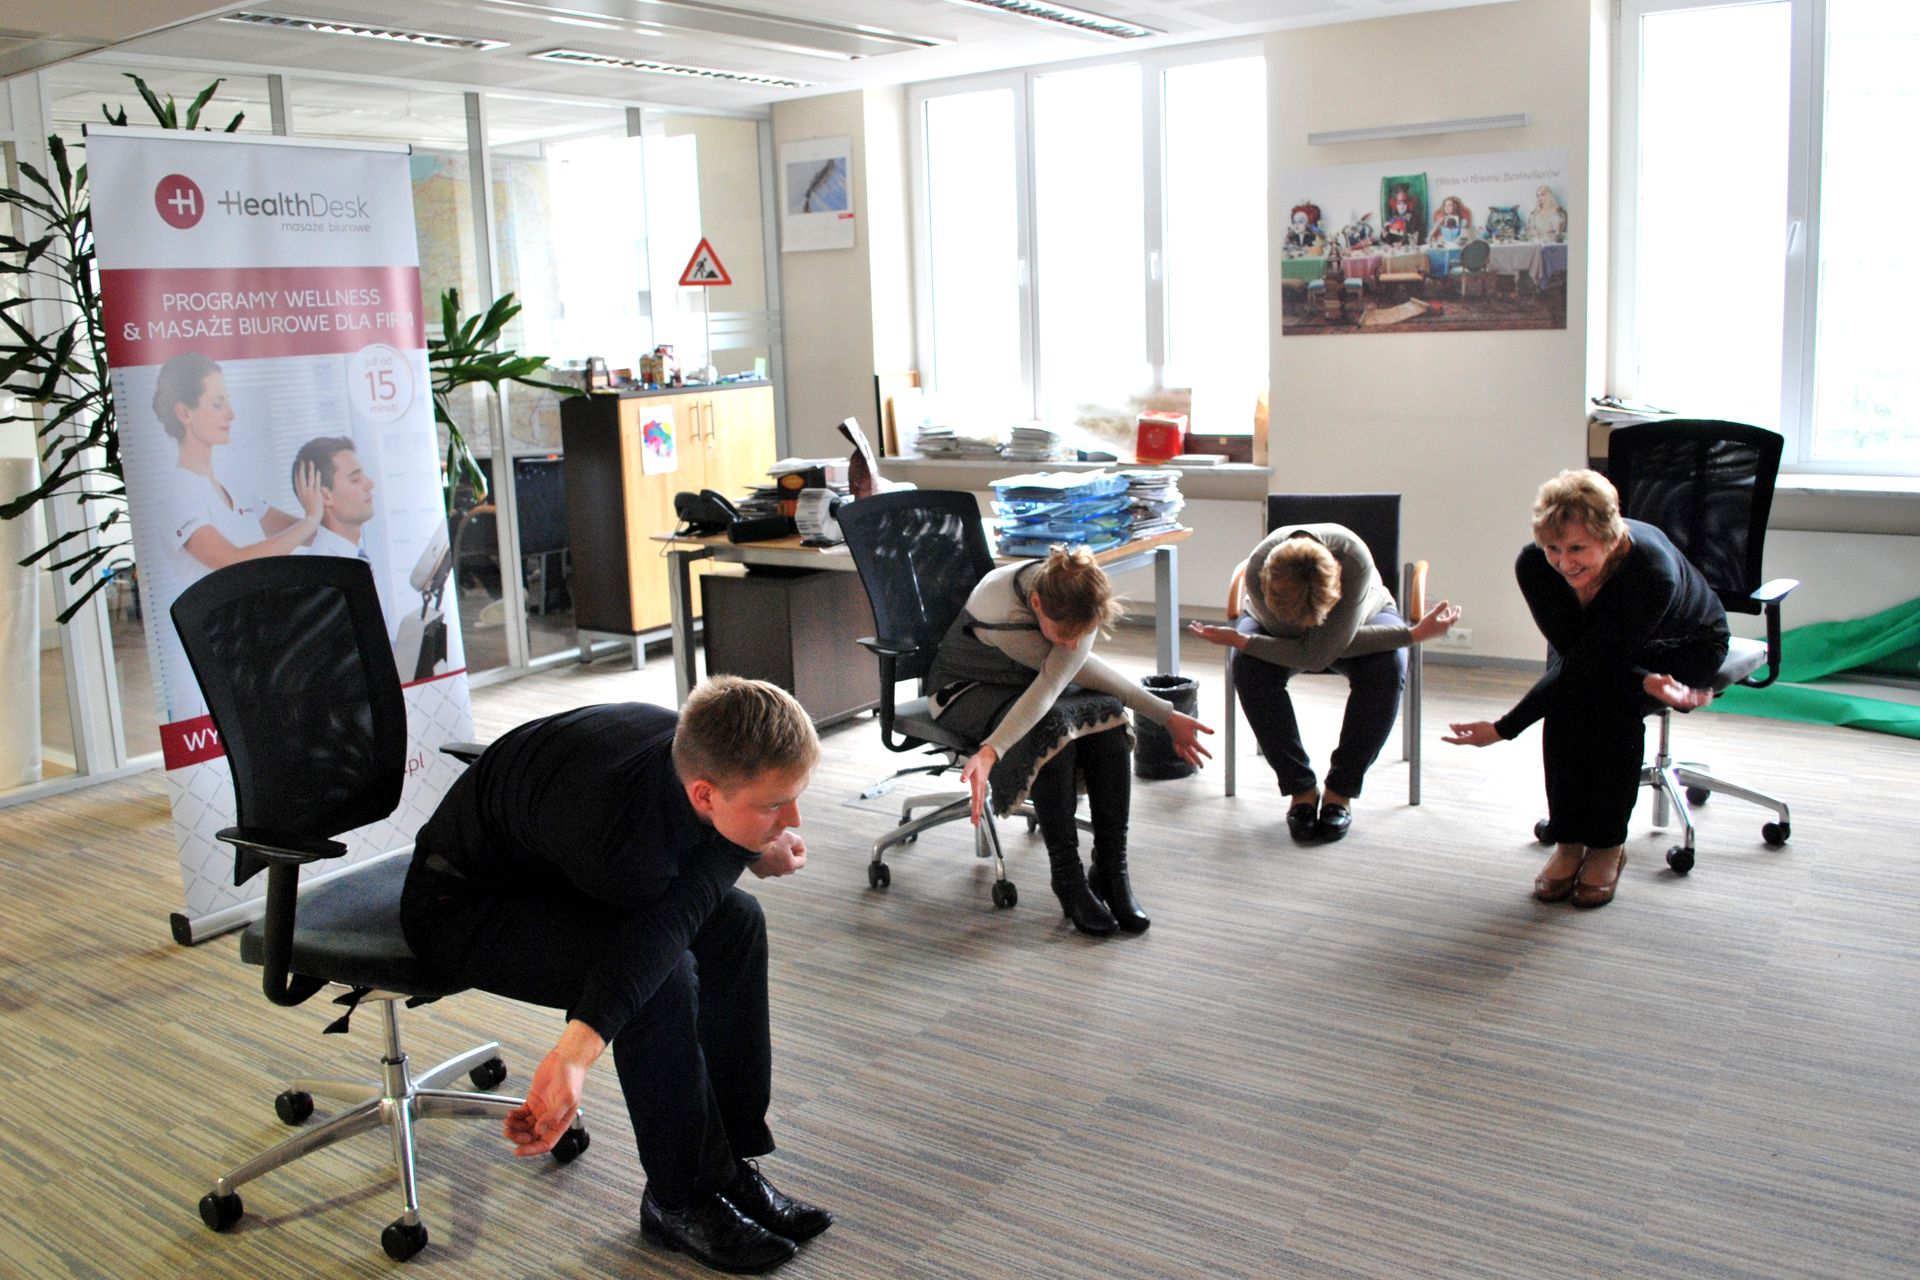 Ćwiczenia w pracy i stretching w firmie od HealthDesk 2